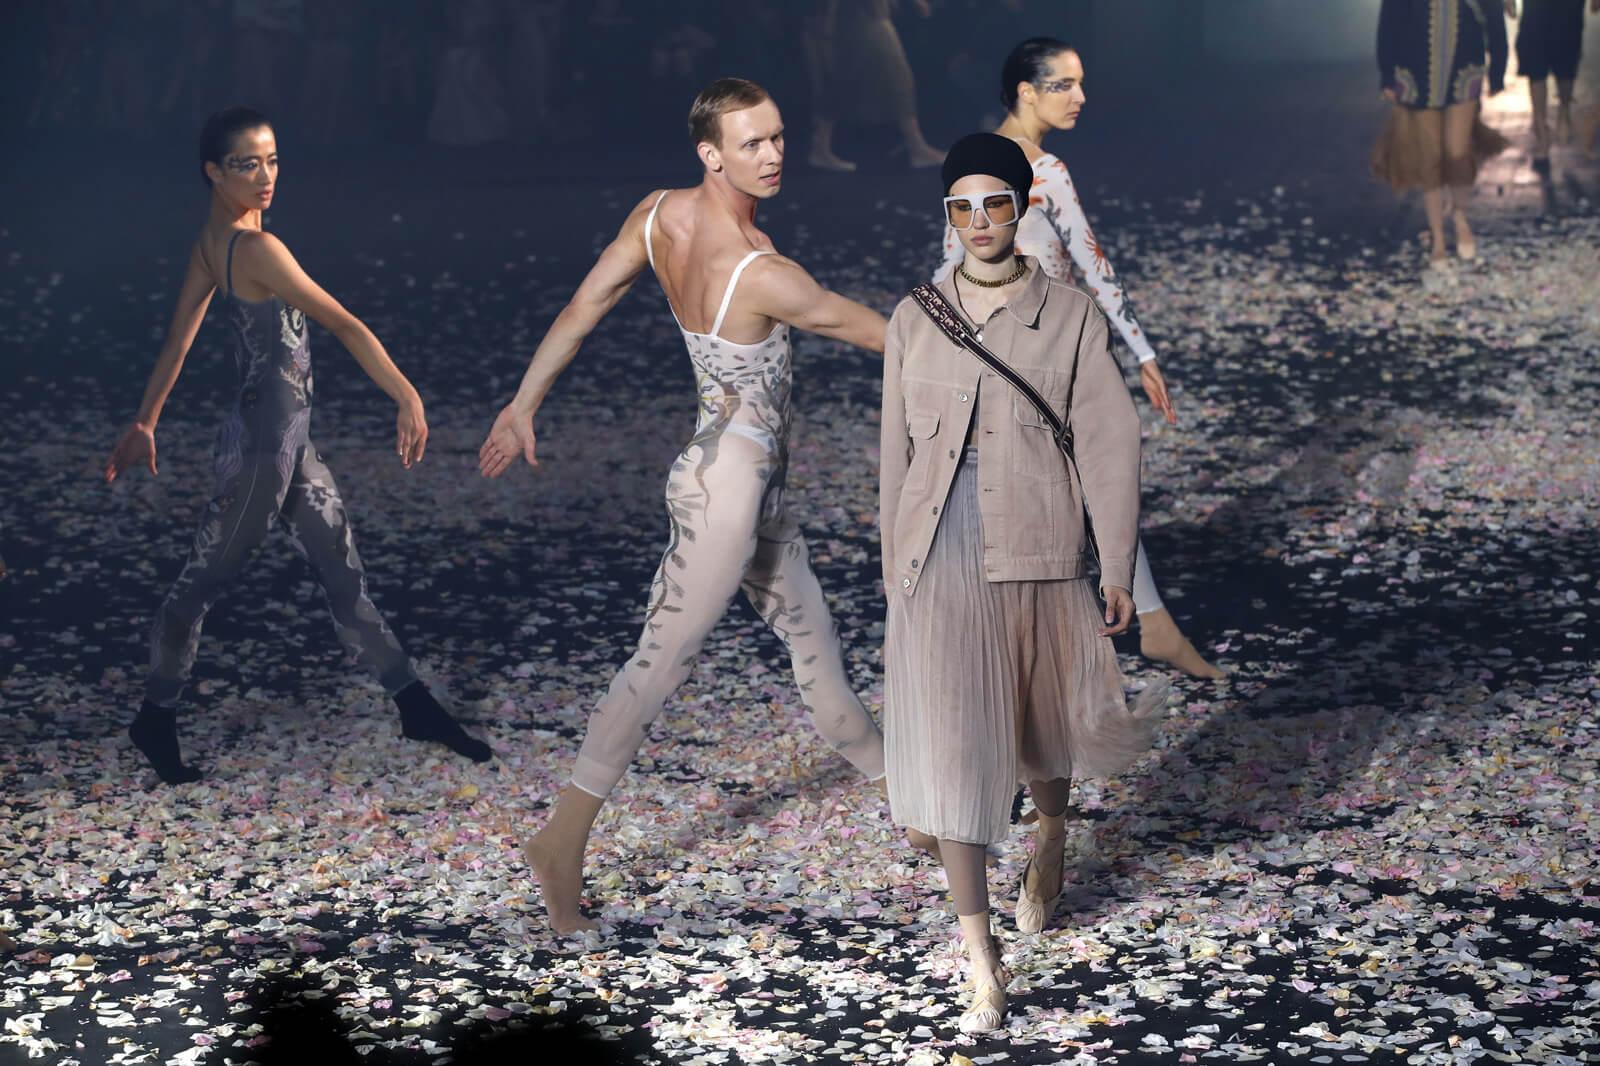 Dior創作總監Maria Grazia Chiuri將二〇二〇年的春夏時裝騷化身芭蕾舞台,模特兒在舞者中穿梭,充滿浪漫意境。